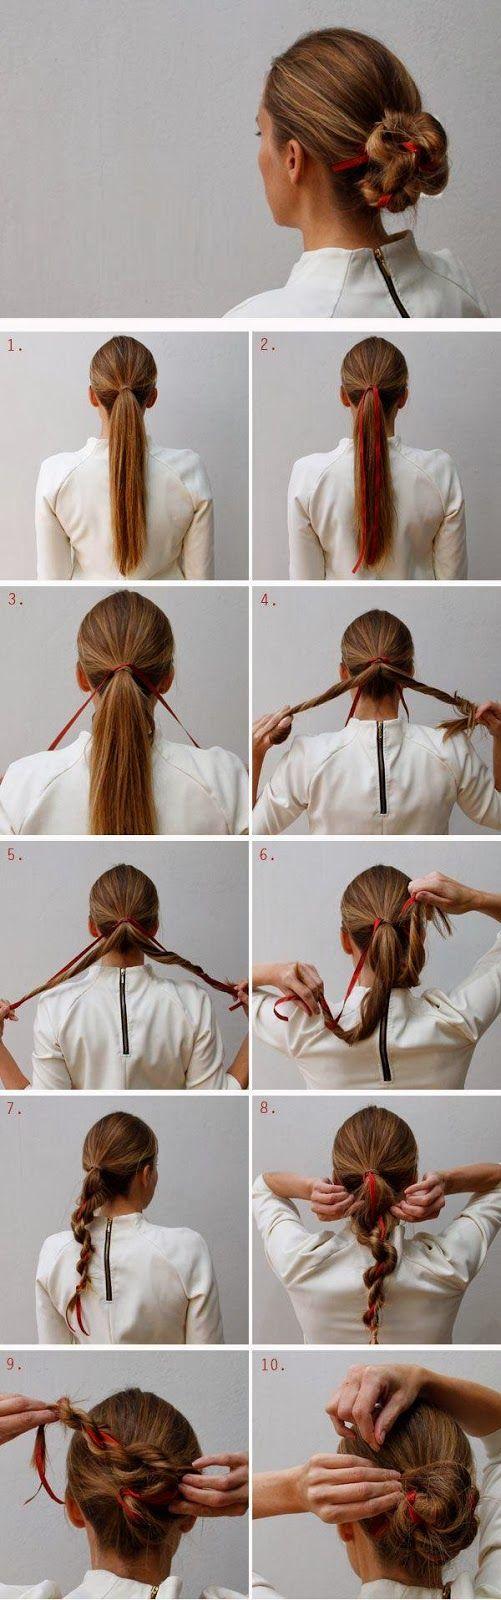 Tutoriel coiffure facile